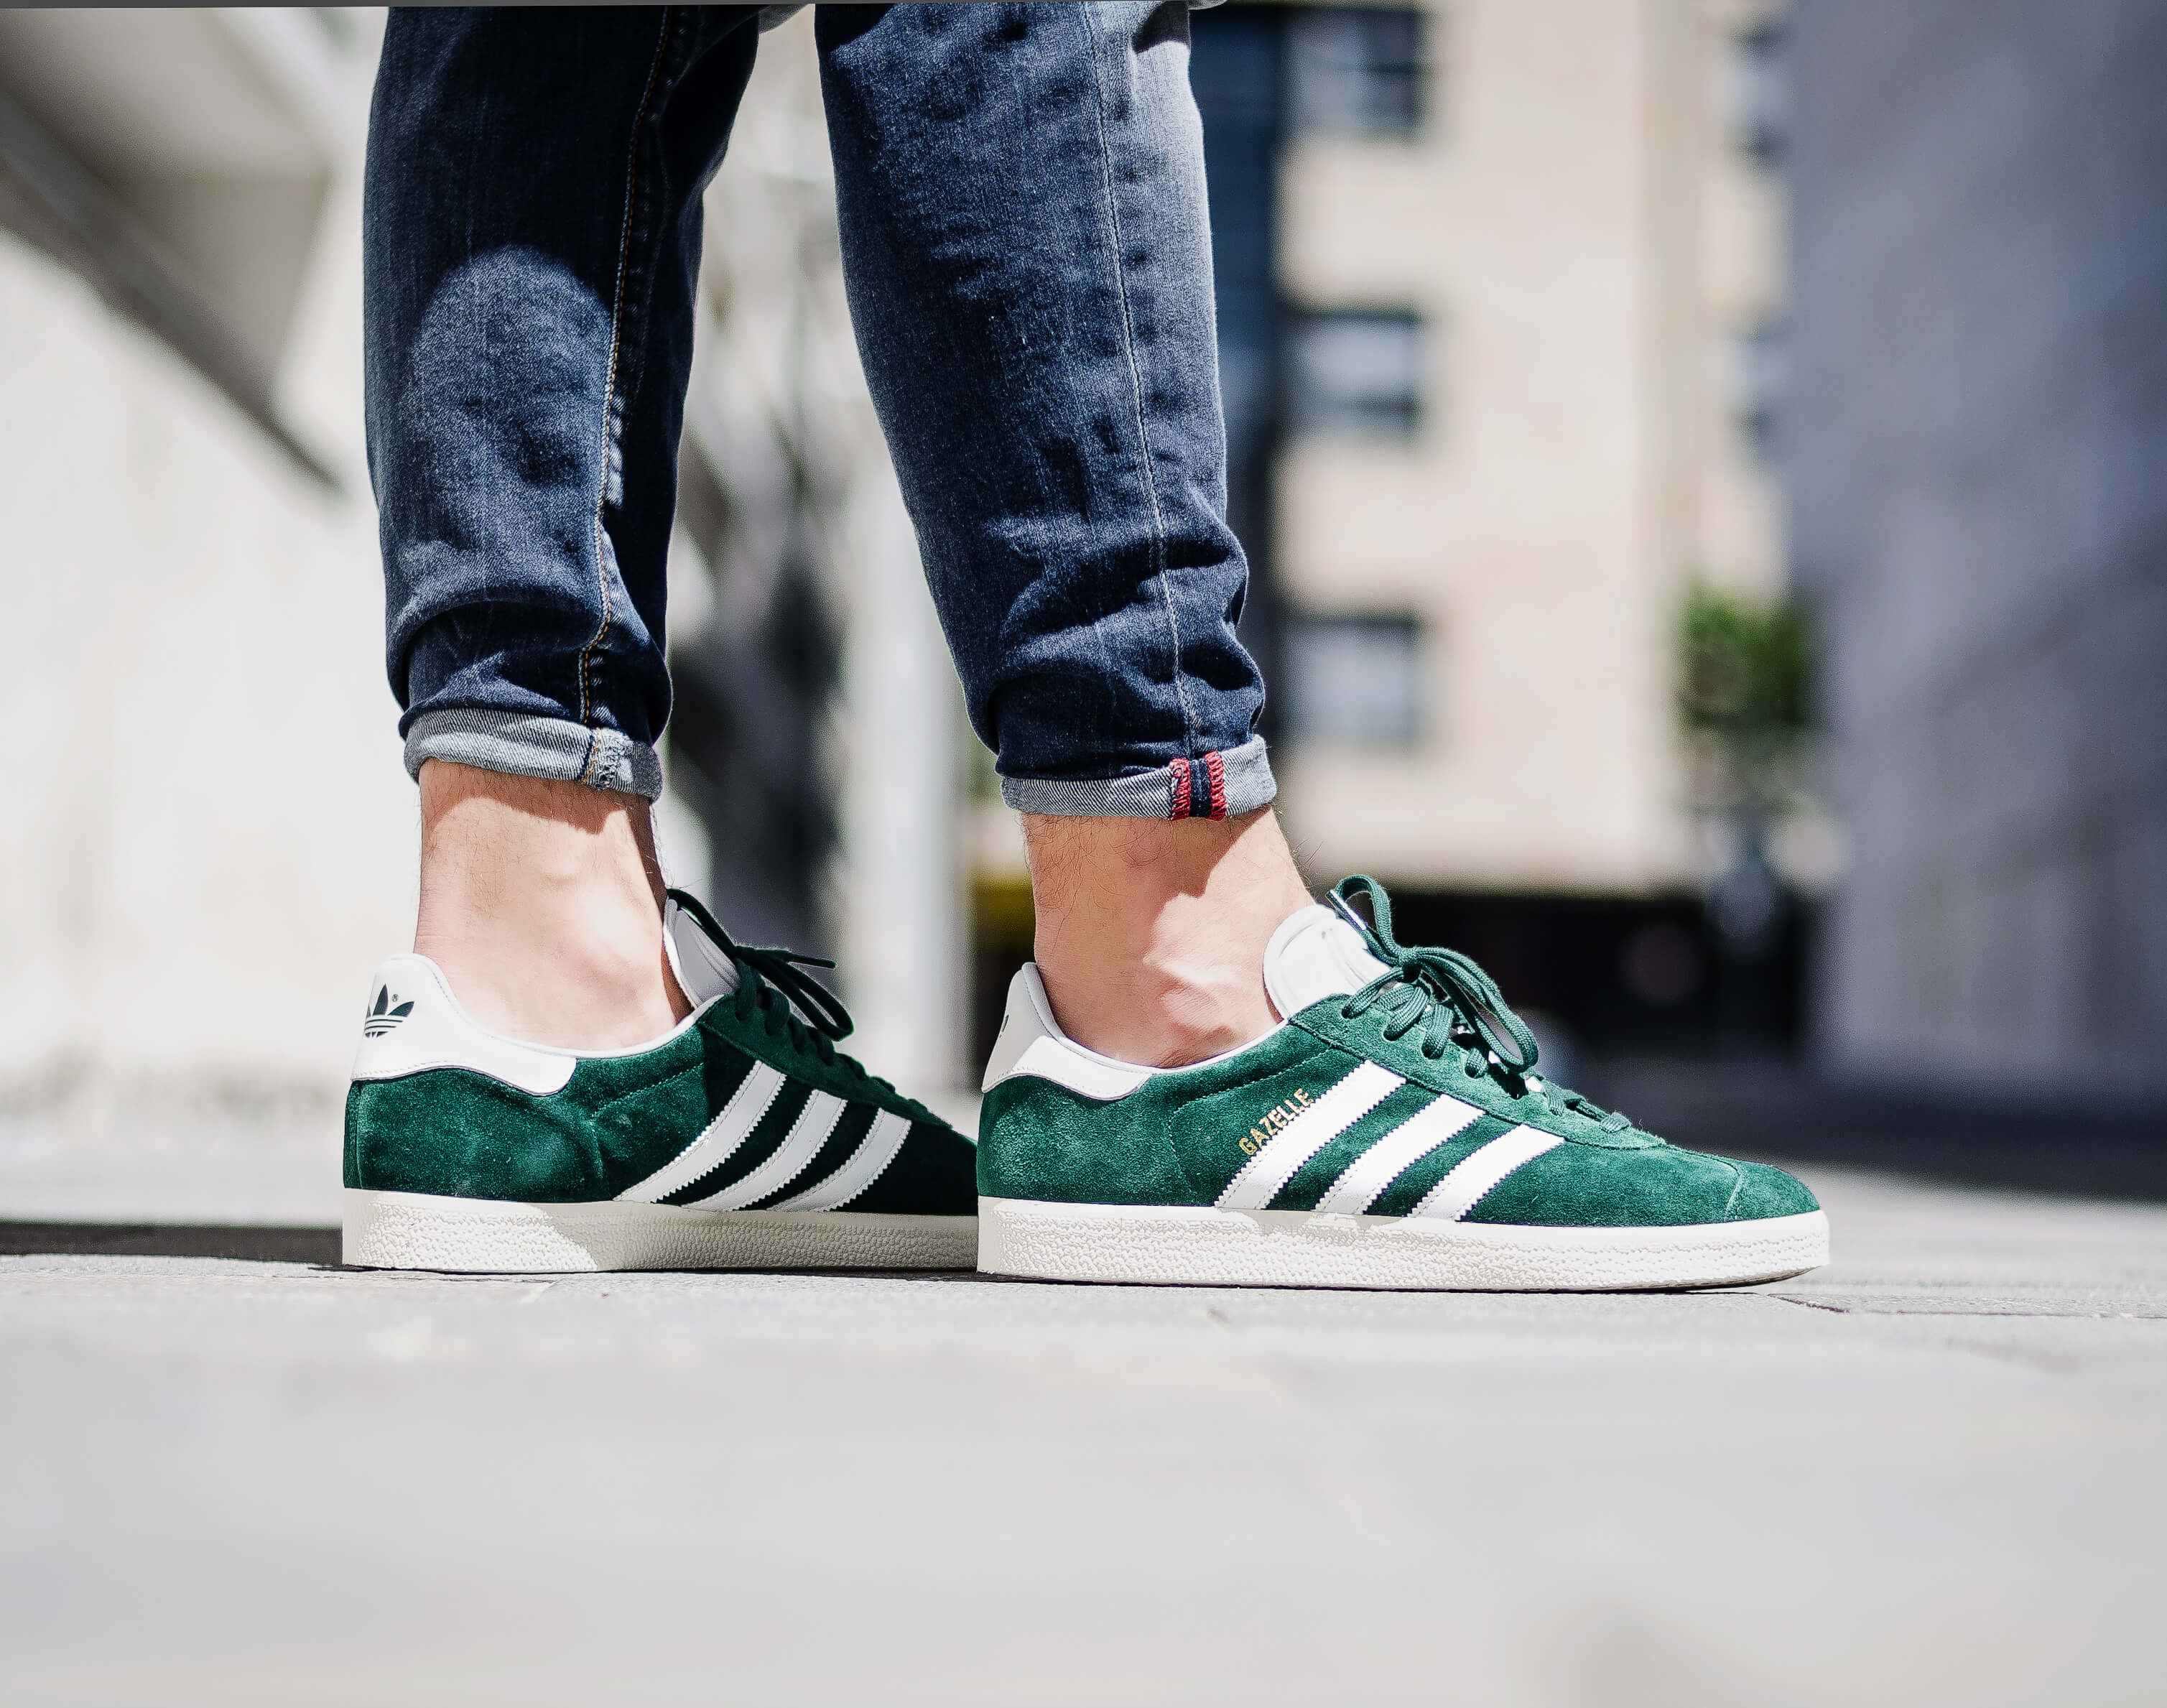 xu hướng giày thể thao - 90s vibe - elle man 2